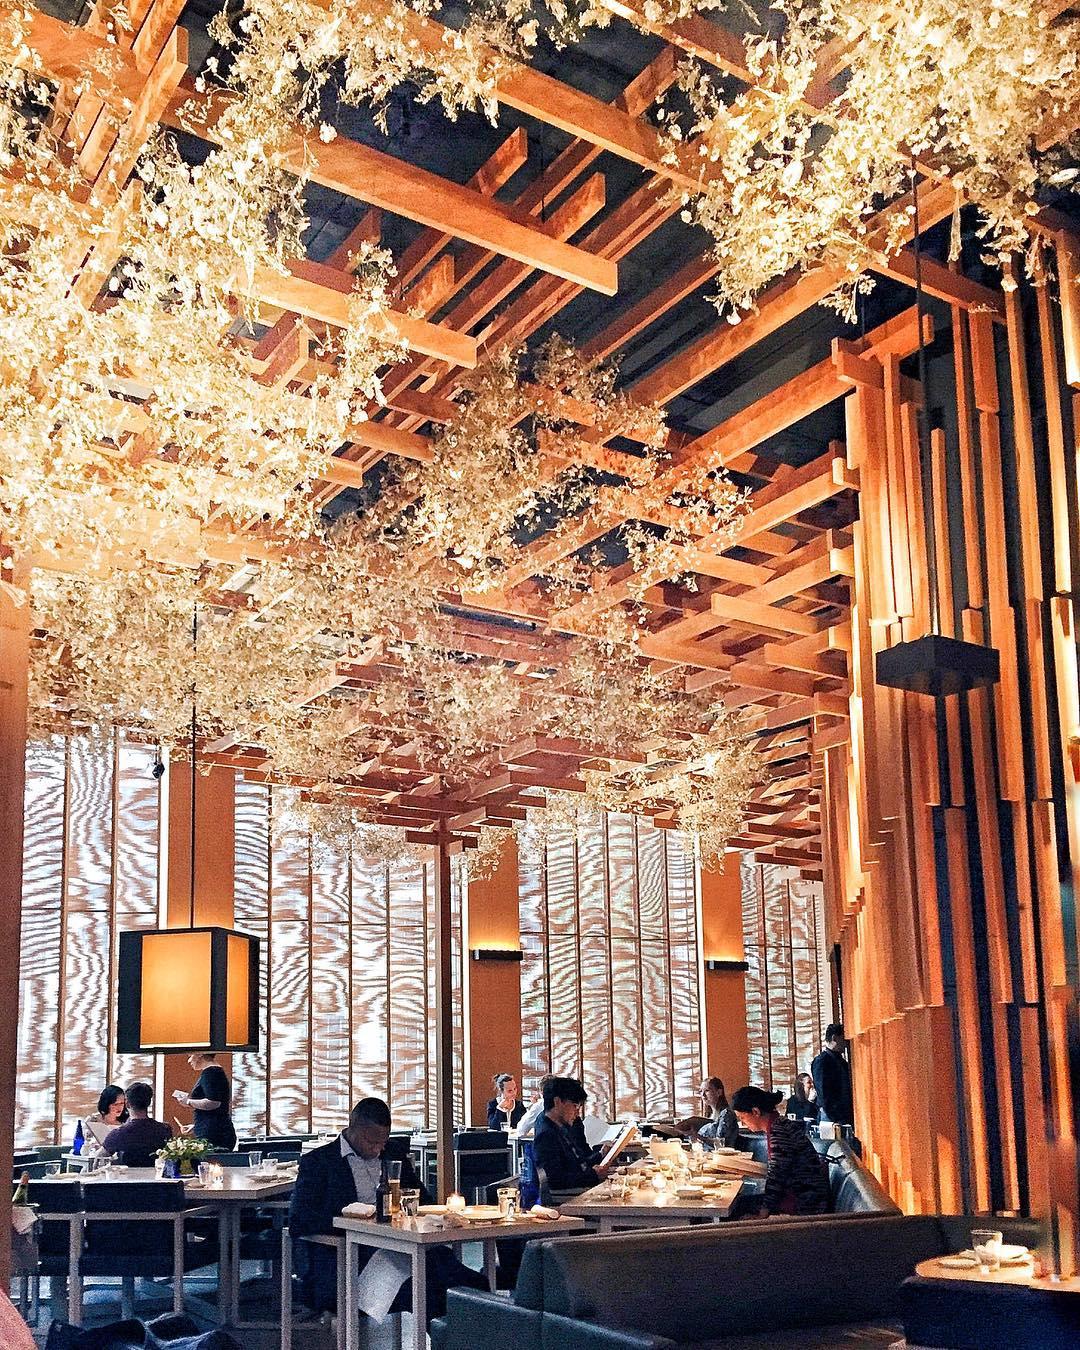 Sake No Hana, a Japanese restaurant in London